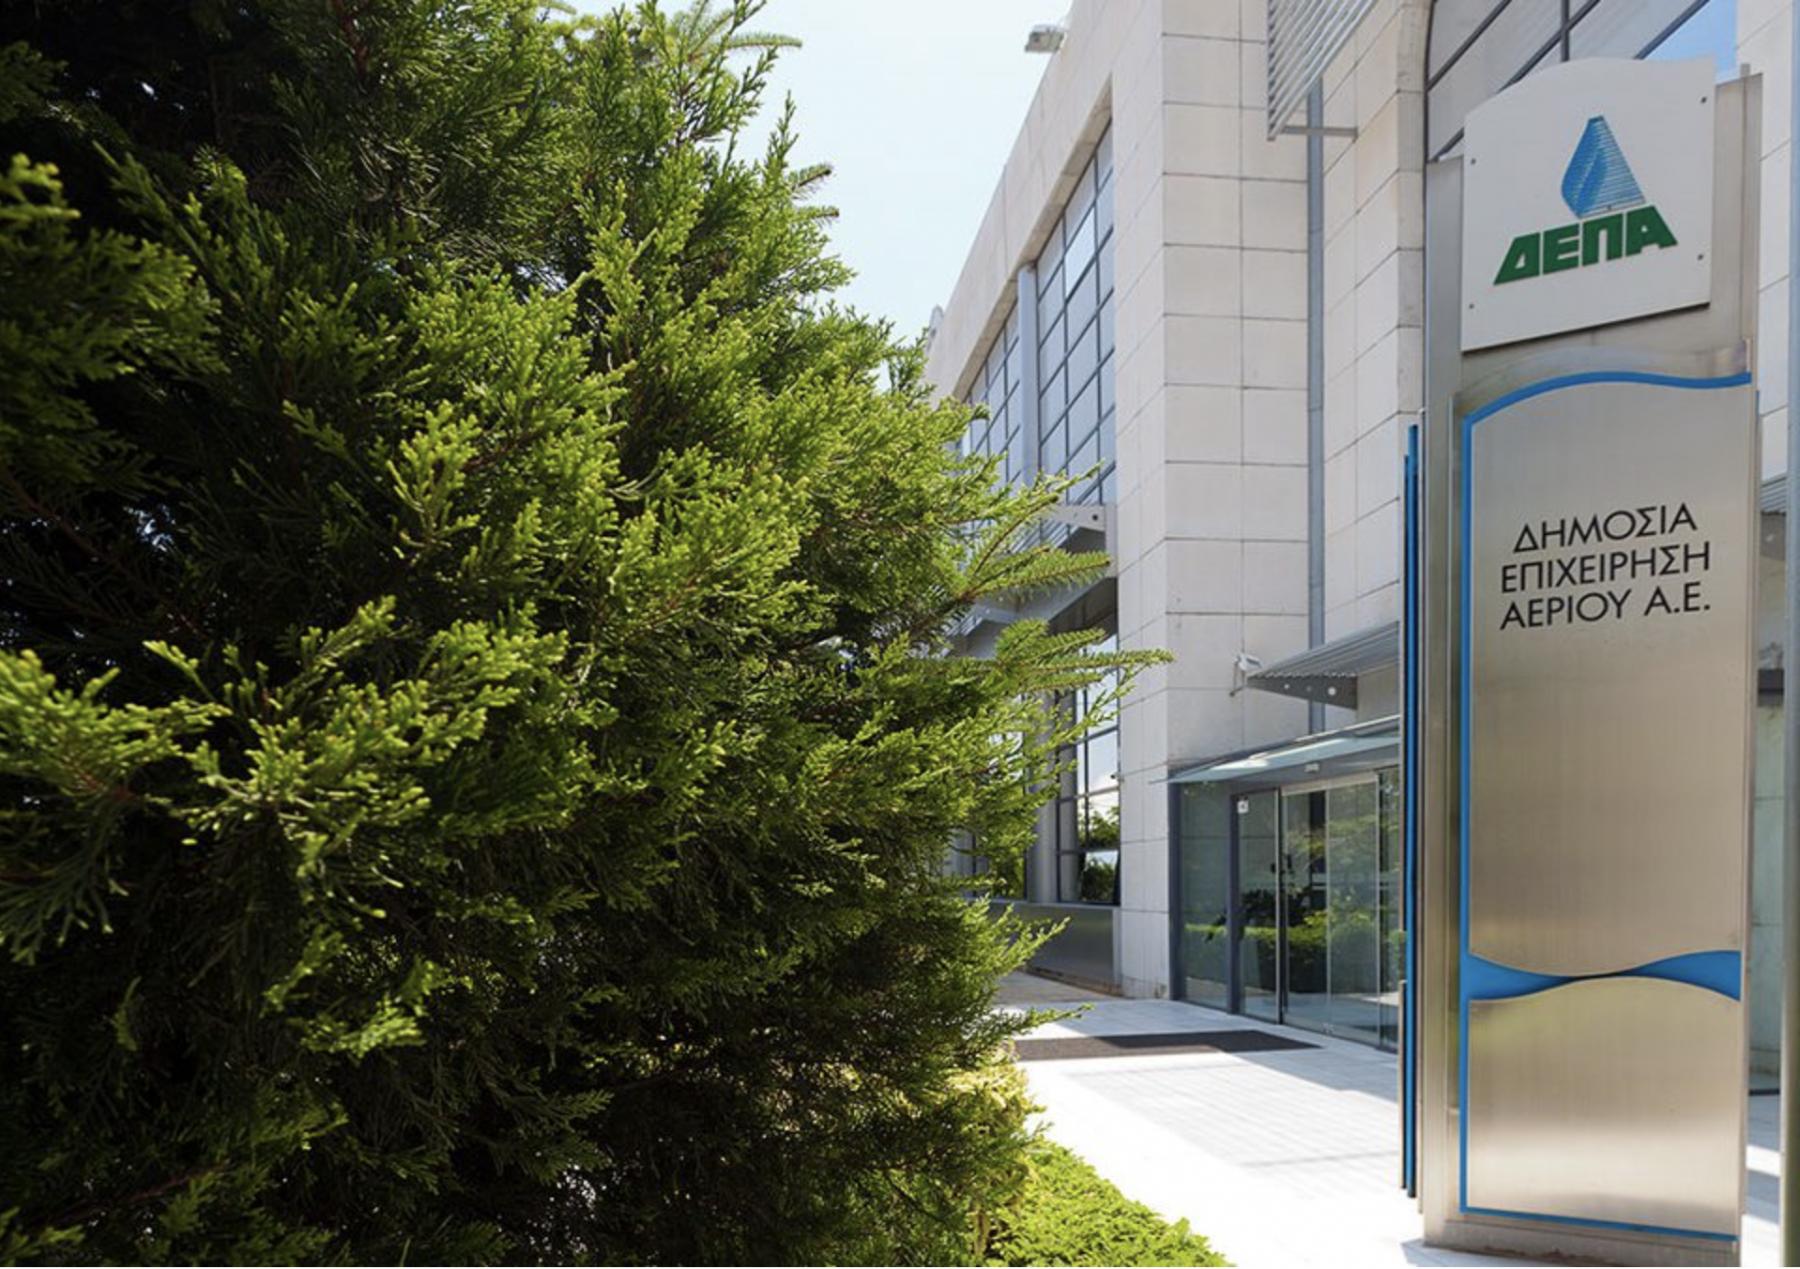 ΔΕΠΑ: Συμμετοχή σε Στρογγυλή Τράπεζα για τη χρήση υδρογόνου σε κτίρια